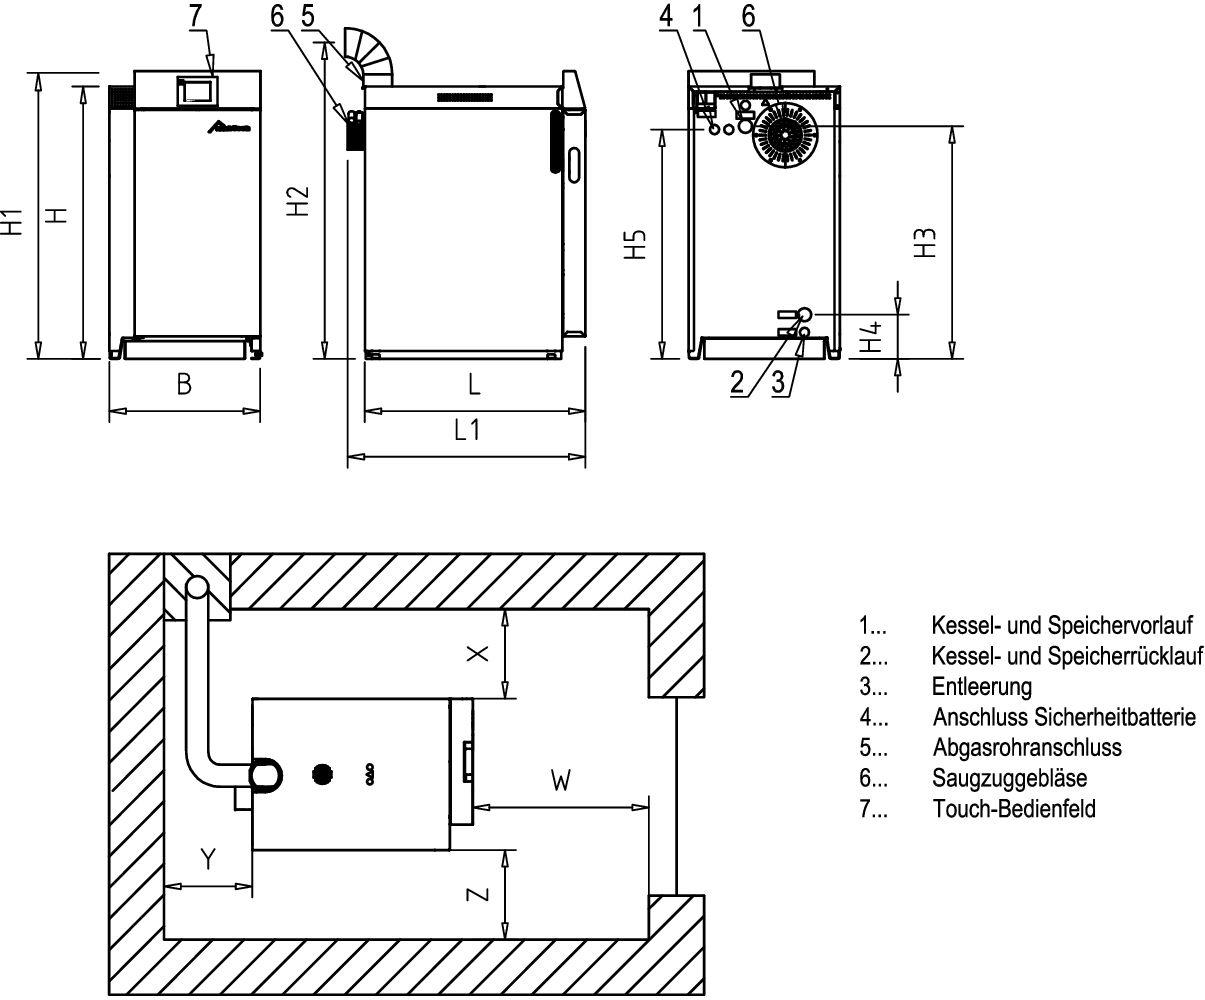 Groß Betriebsdruck Des Kessels Bilder - Elektrische Schaltplan-Ideen ...